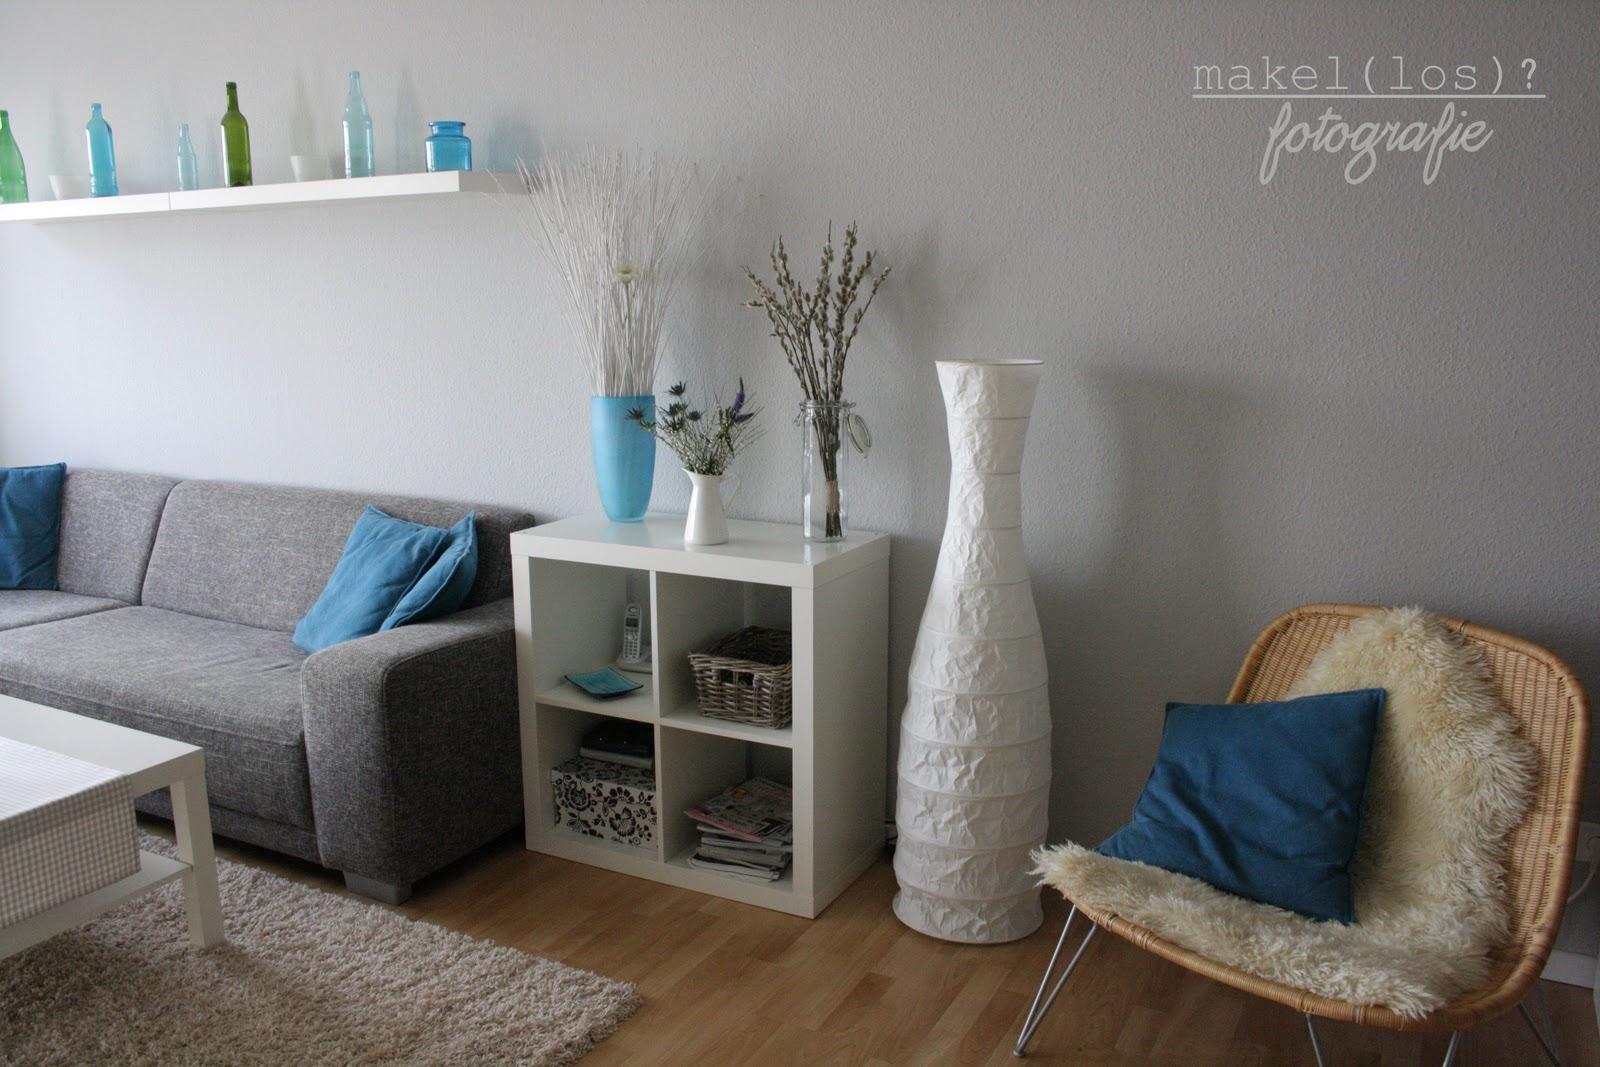 Wohnzimmer Gestalten Grau Weiss Blau  parsvendingcom